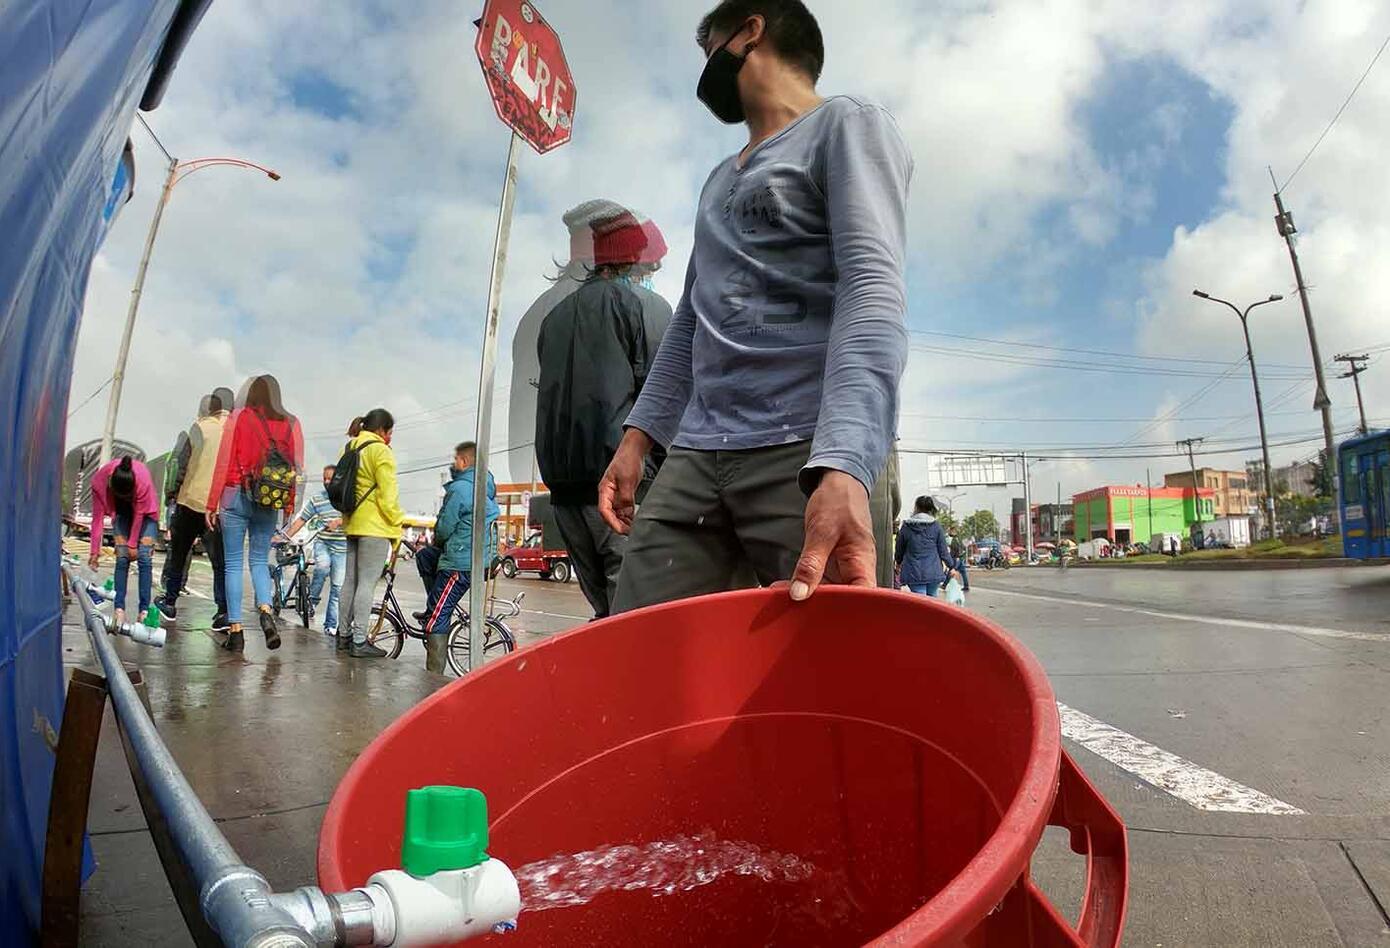 Cortes de agua en Bogotá - obras de acueducto por Metro de Bogotá